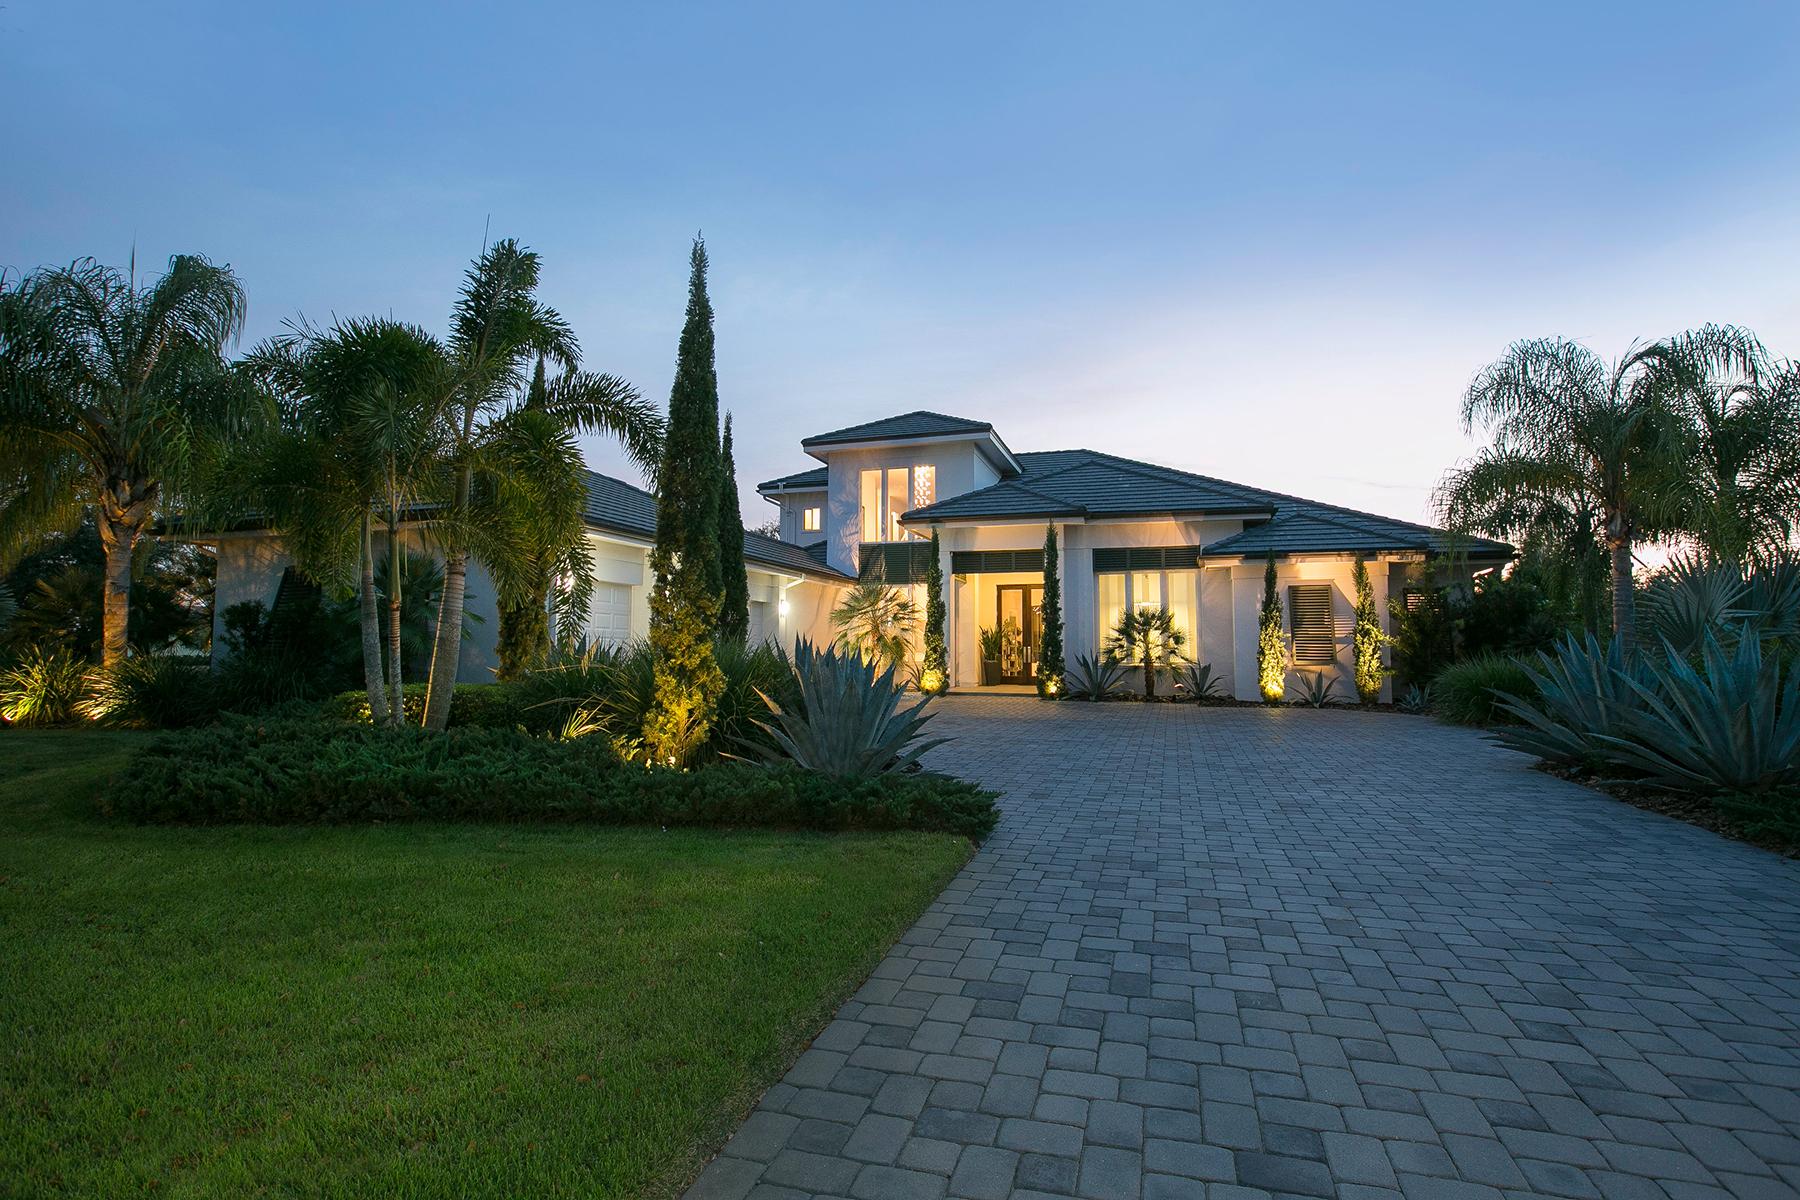 独户住宅 为 销售 在 THE LAKE CLUB 16210 Clearlake Ave 莱克伍德牧场, 佛罗里达州, 34202 美国